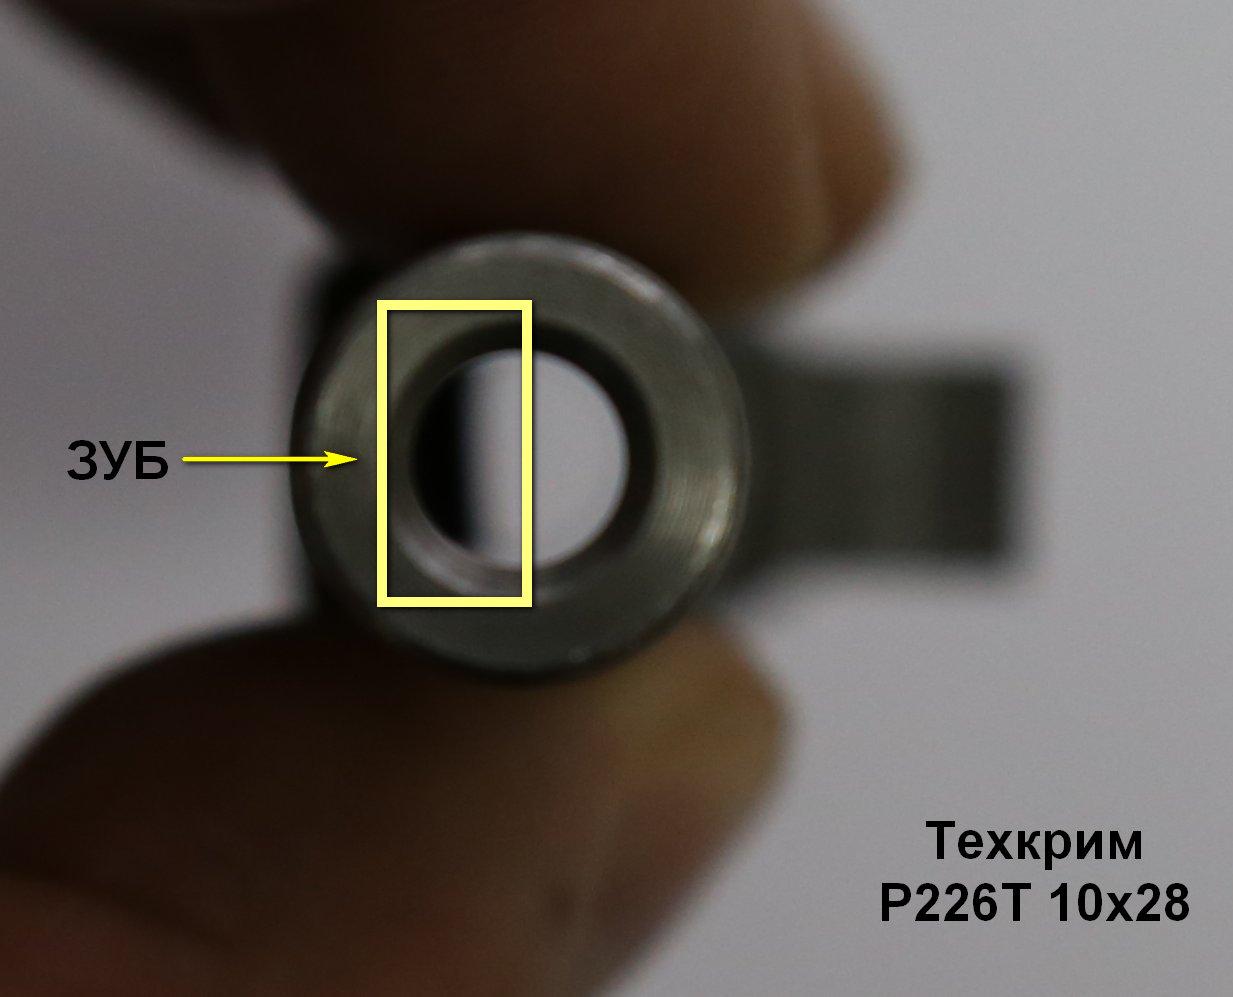 Зуб Р226Т ТК-Р